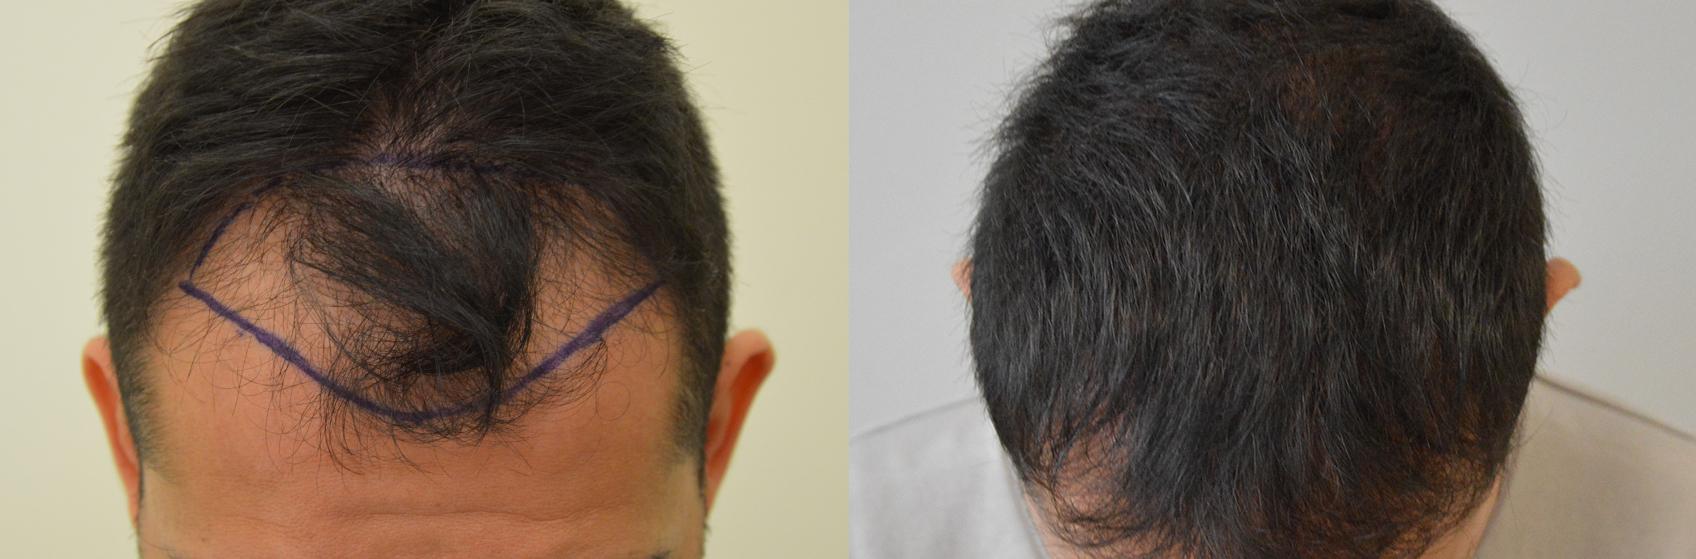 Dopo esser arrossito di capelli quando è possibile mettere una maschera